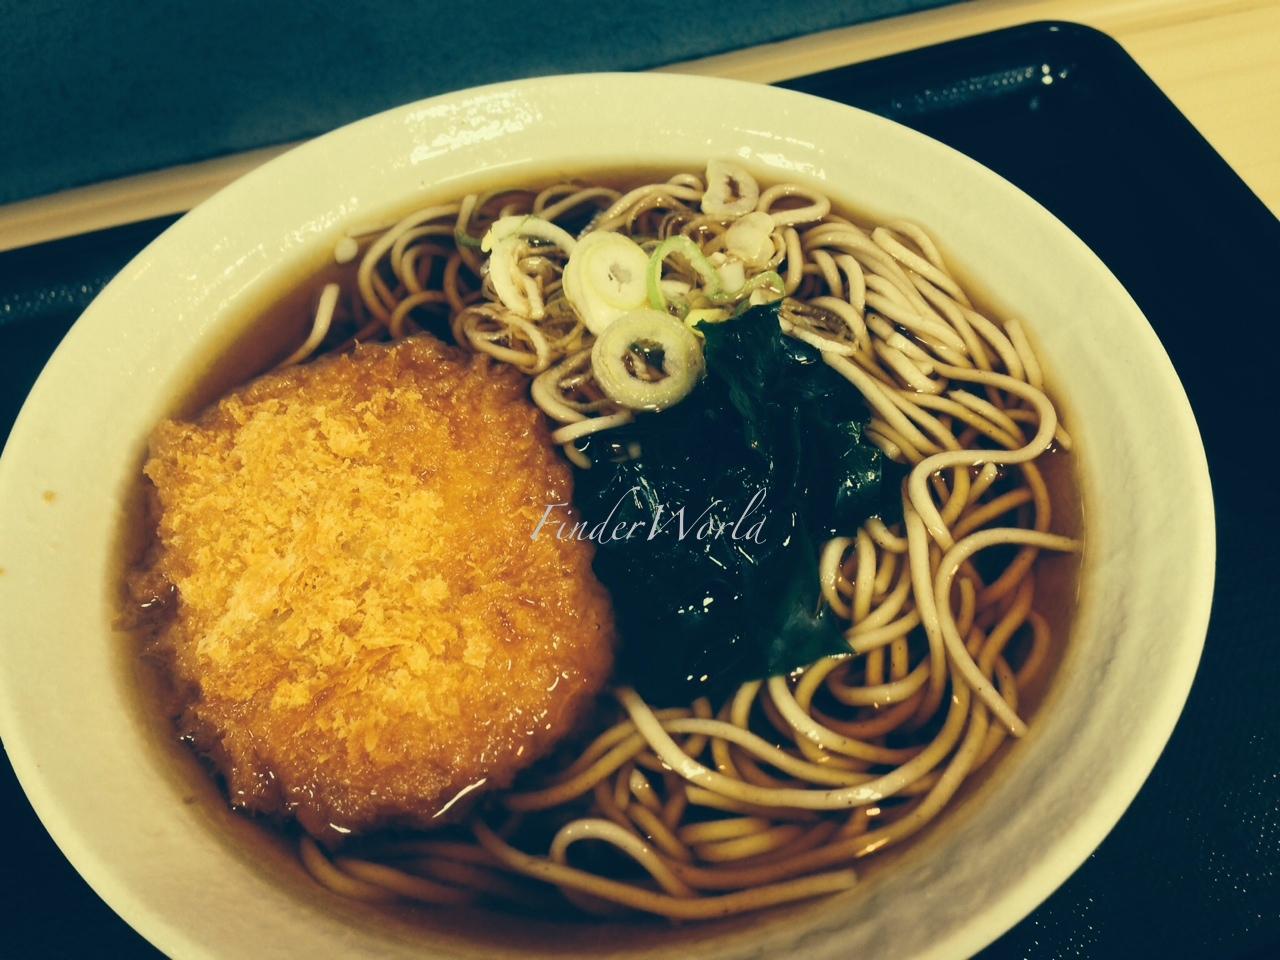 富士そばのコロッケそば。誰が食うんだと思っていたら、いつの間にか私が常食している件